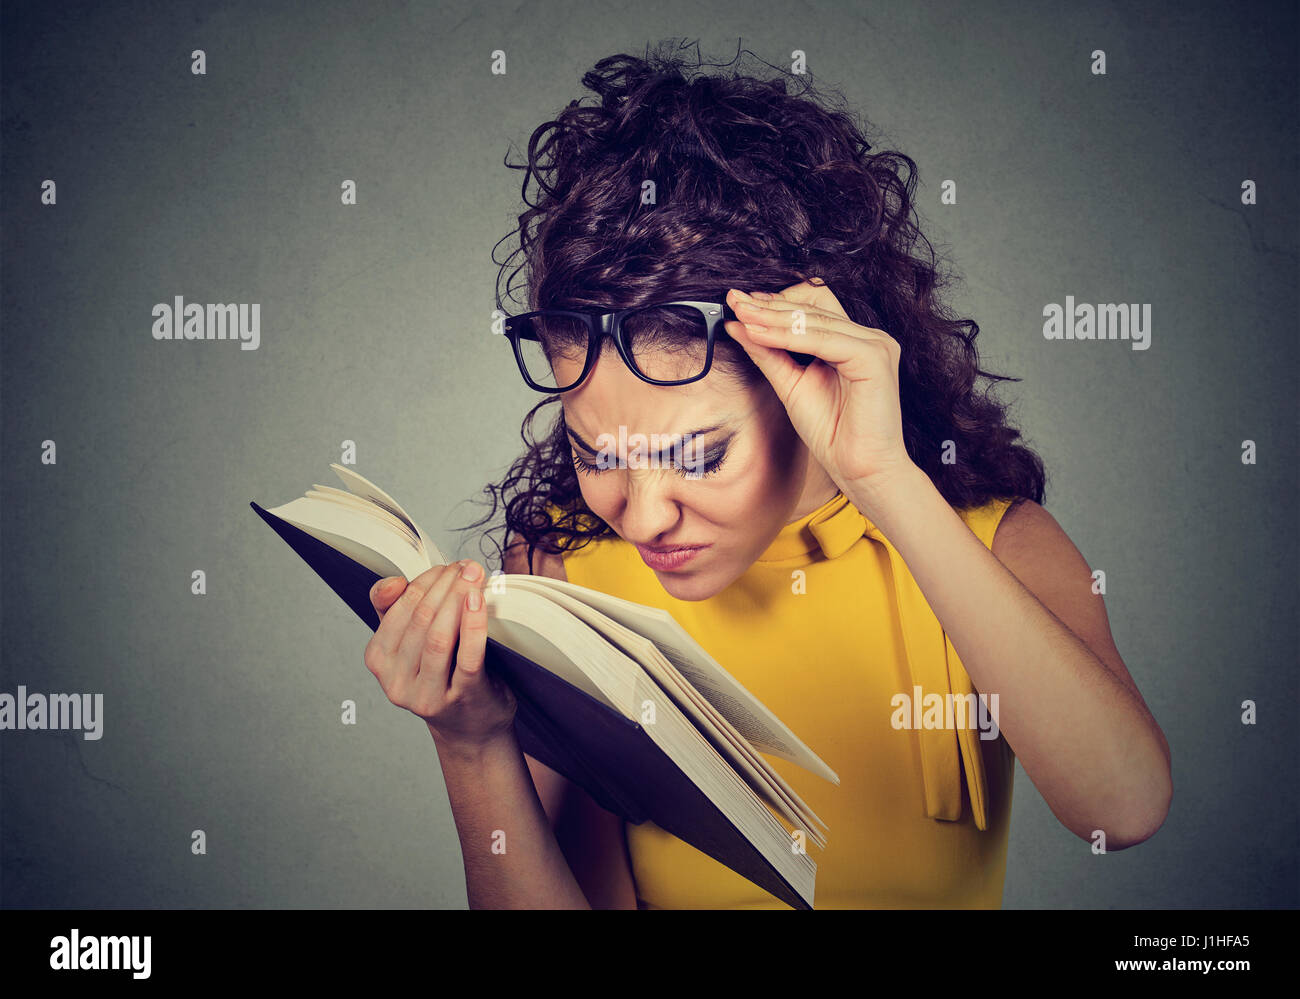 Jeune femme avec des lunettes pour lire un livre, des difficultés à voir le  texte 4fbcd39b1dde